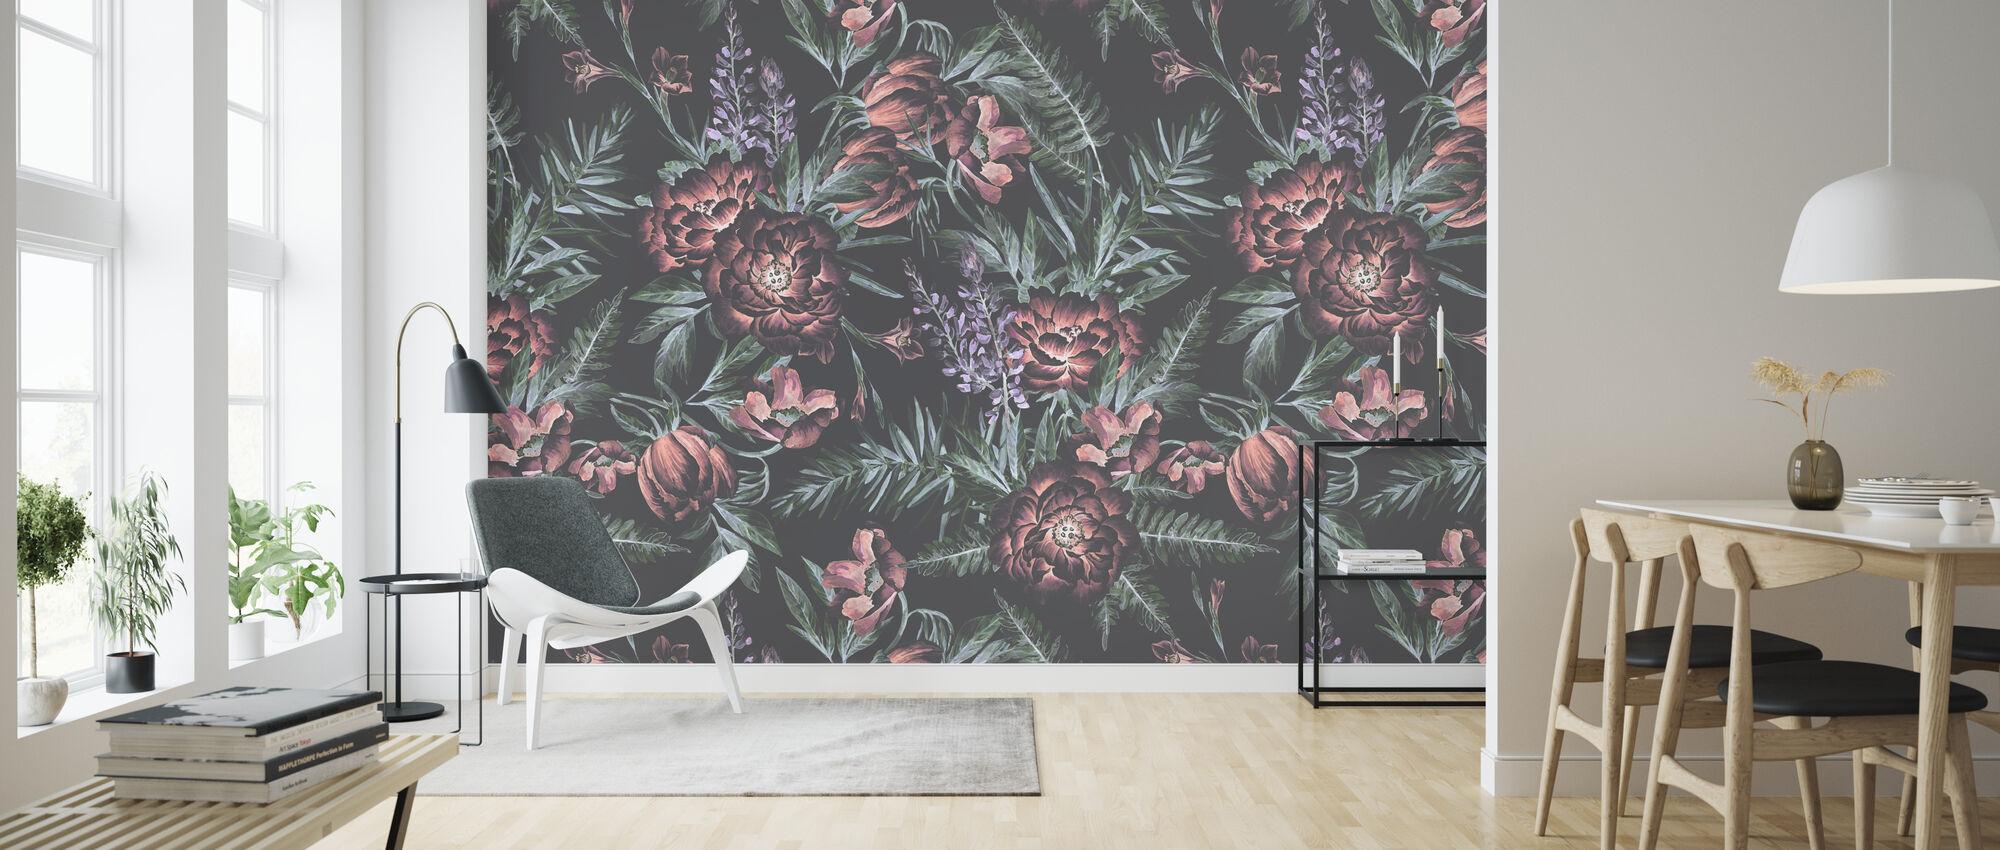 Blush Blomster Mørk - Tapet - Stue